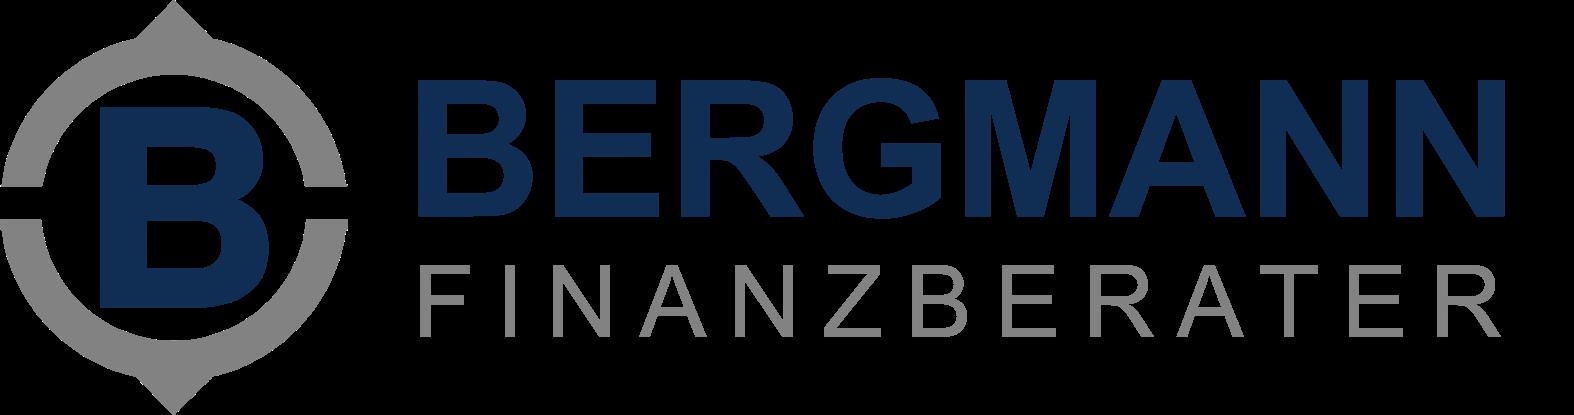 Bergmann-Finanzberater